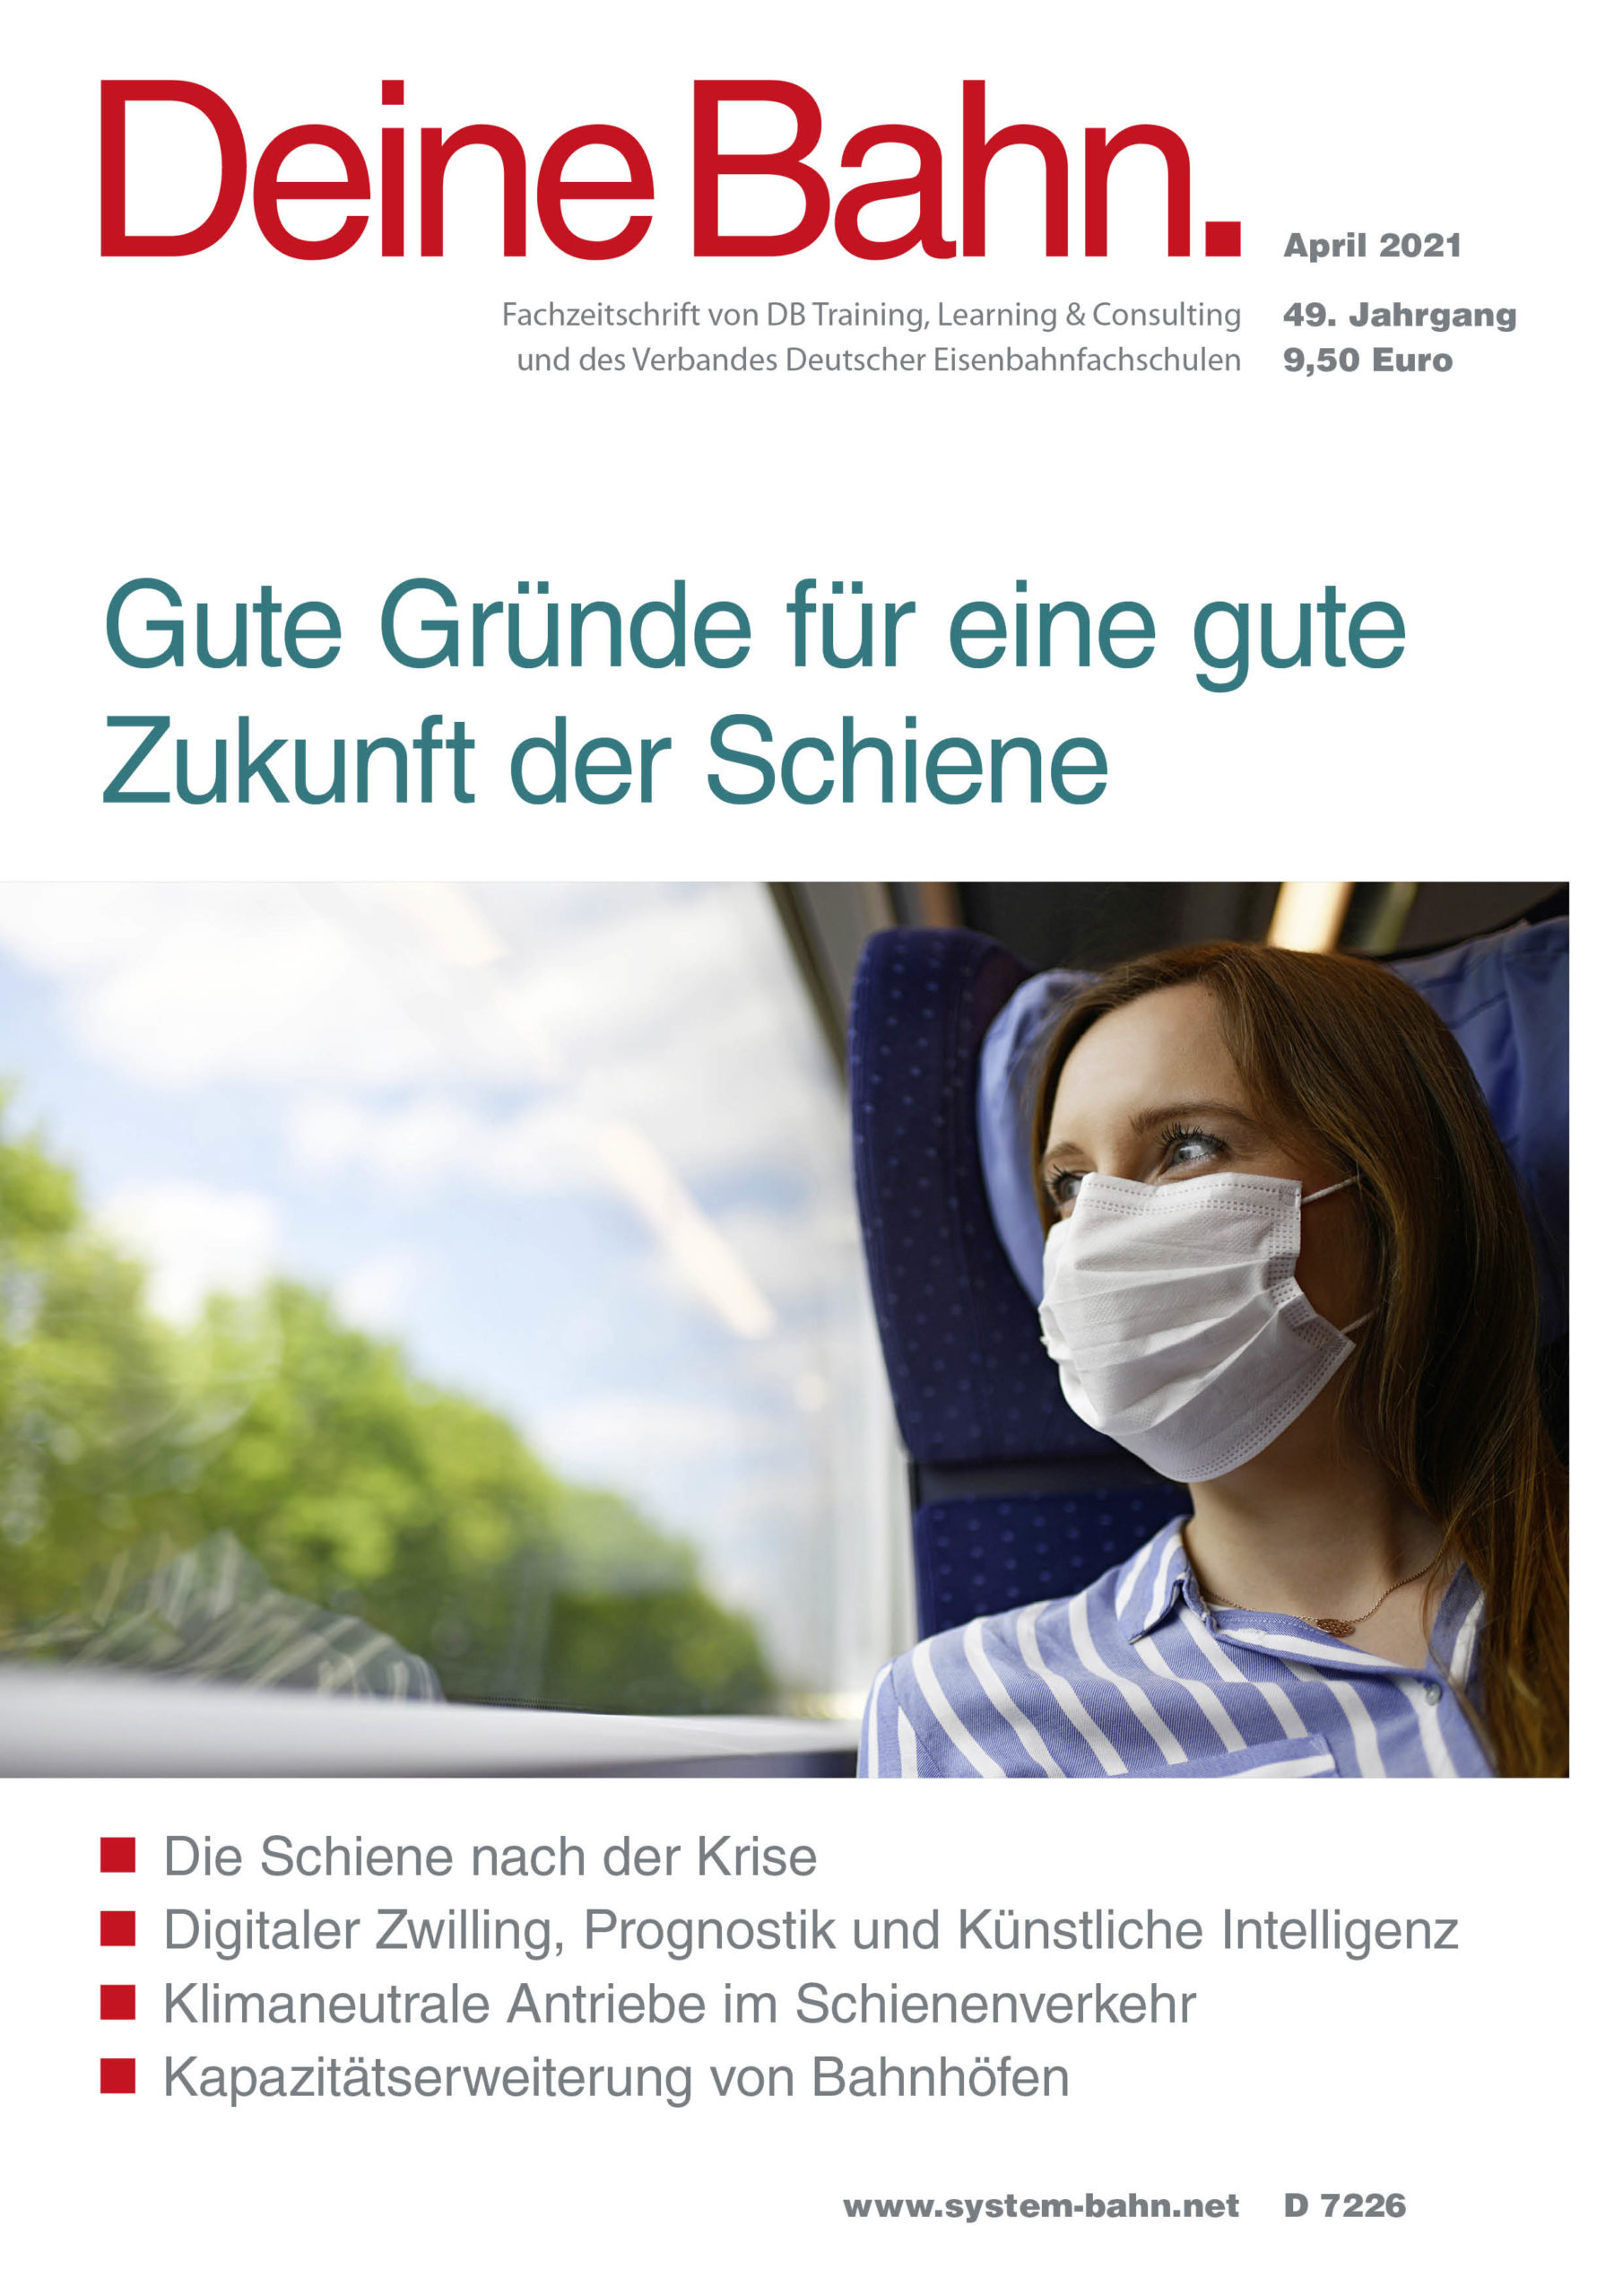 Umschlagmotiv Fachzeitschrift Deine Bahn April 2021